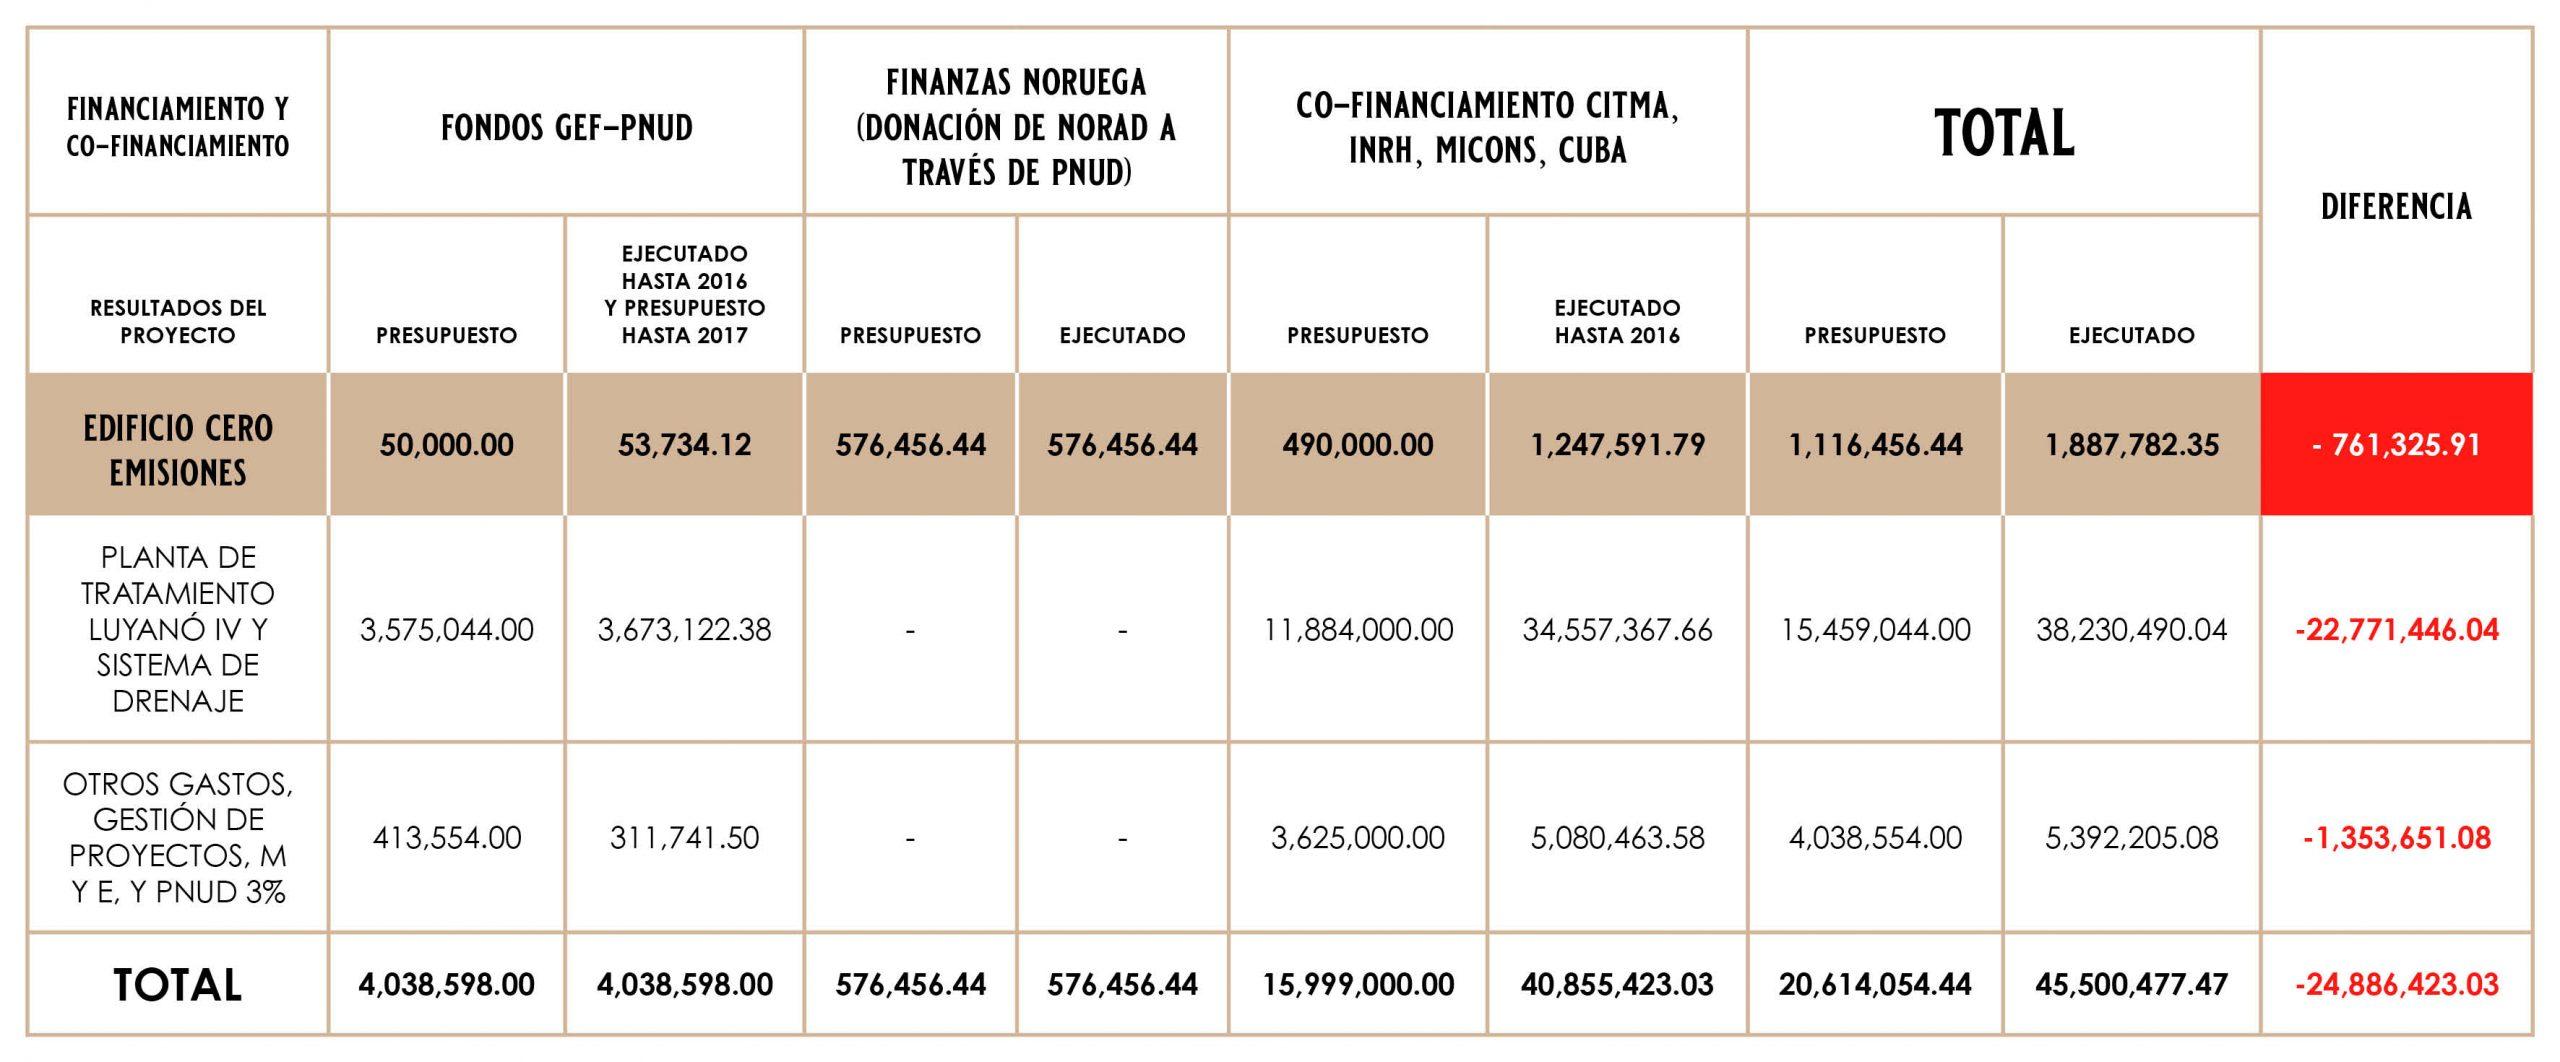 Financiamiento y cofinanciamiento del proyecto. Desde 2002 hasta el año 2016, expresado en dólares.